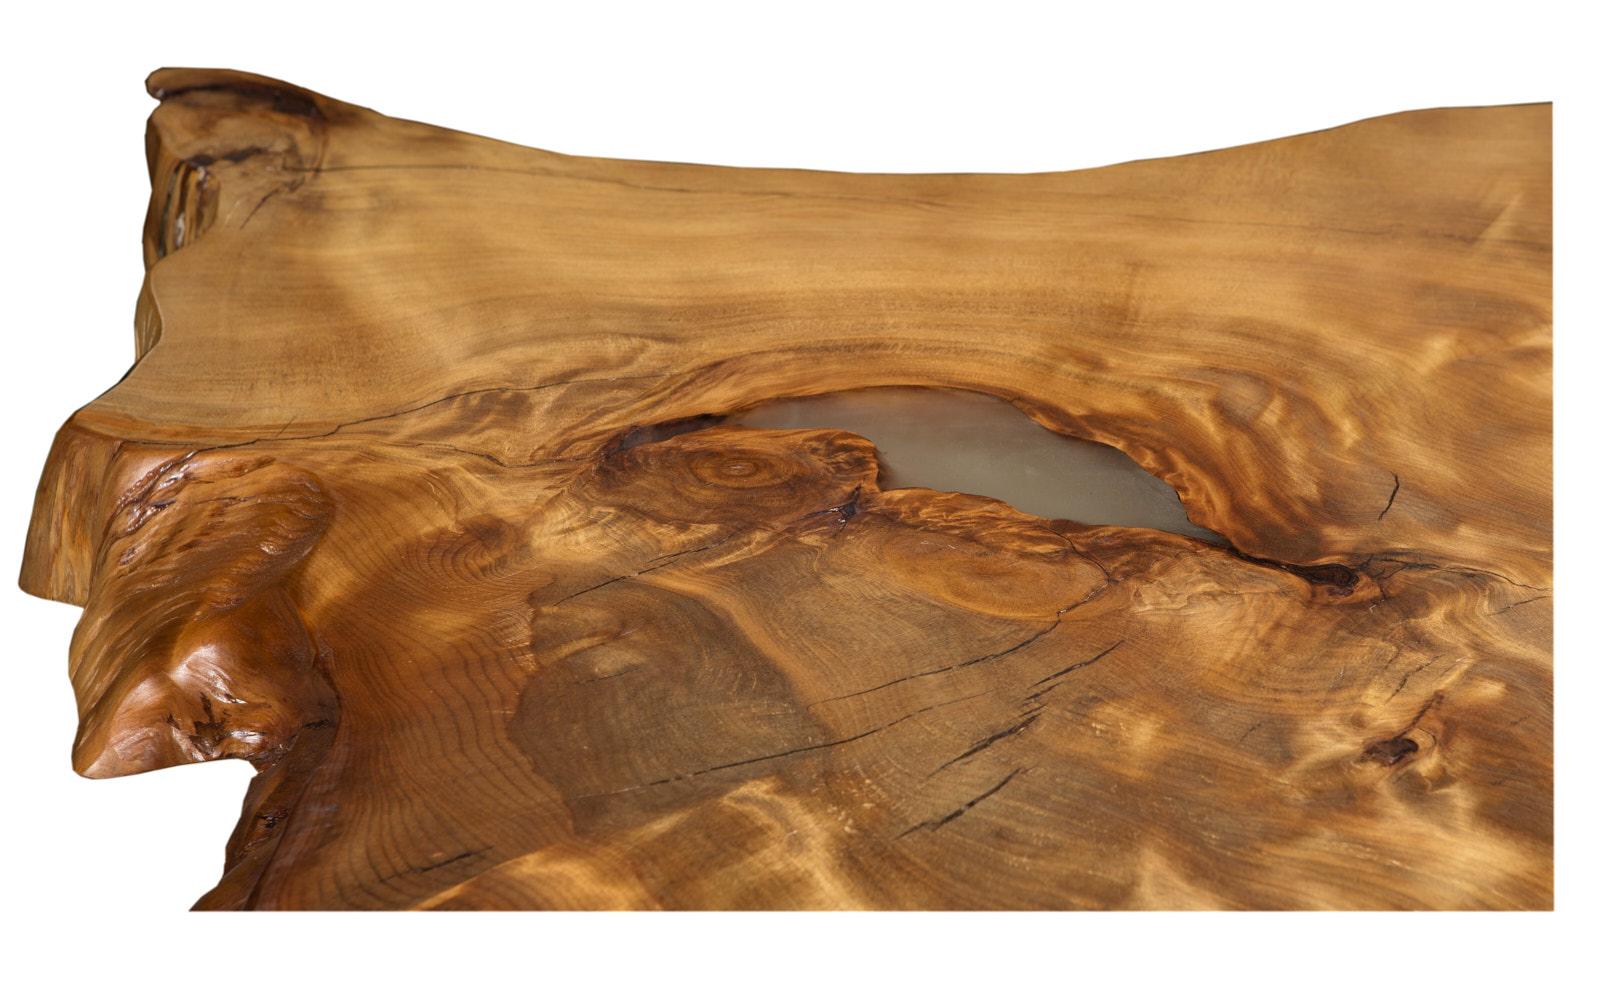 Exklusive Esstischplatte ein einzigartiges an einem Stück gewachsenes Naturkunstwerk, natürlicher Esstisch mit faszinierender Maserung, schöner Designer Holztisch